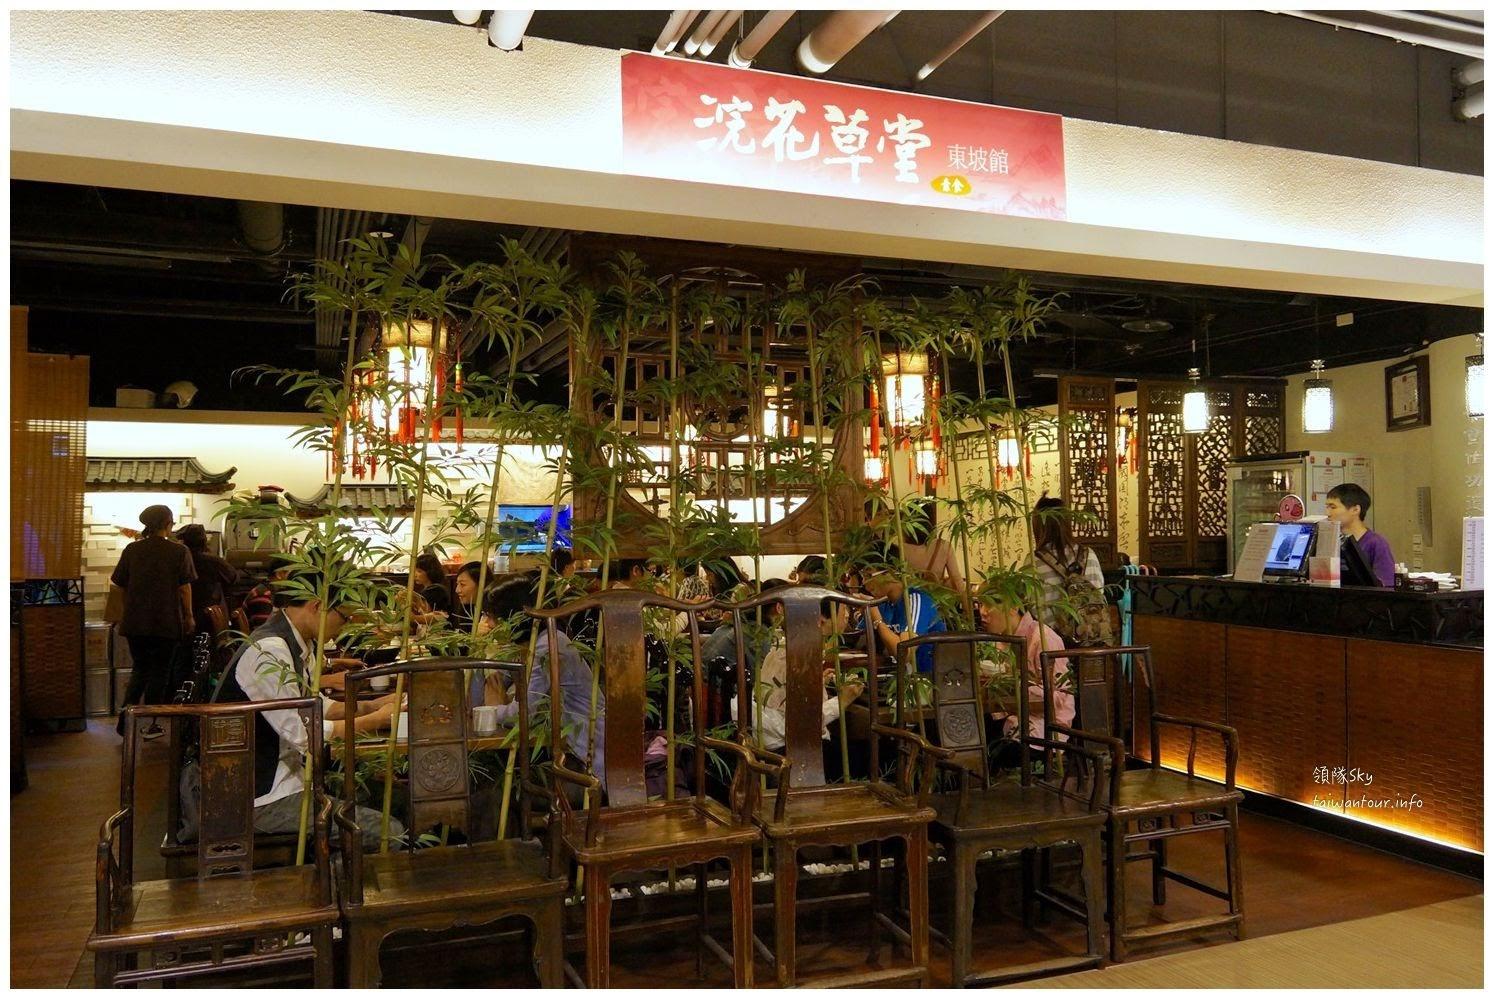 板橋美食推薦-板橋車站精緻的素食餐廳【浣花草堂】